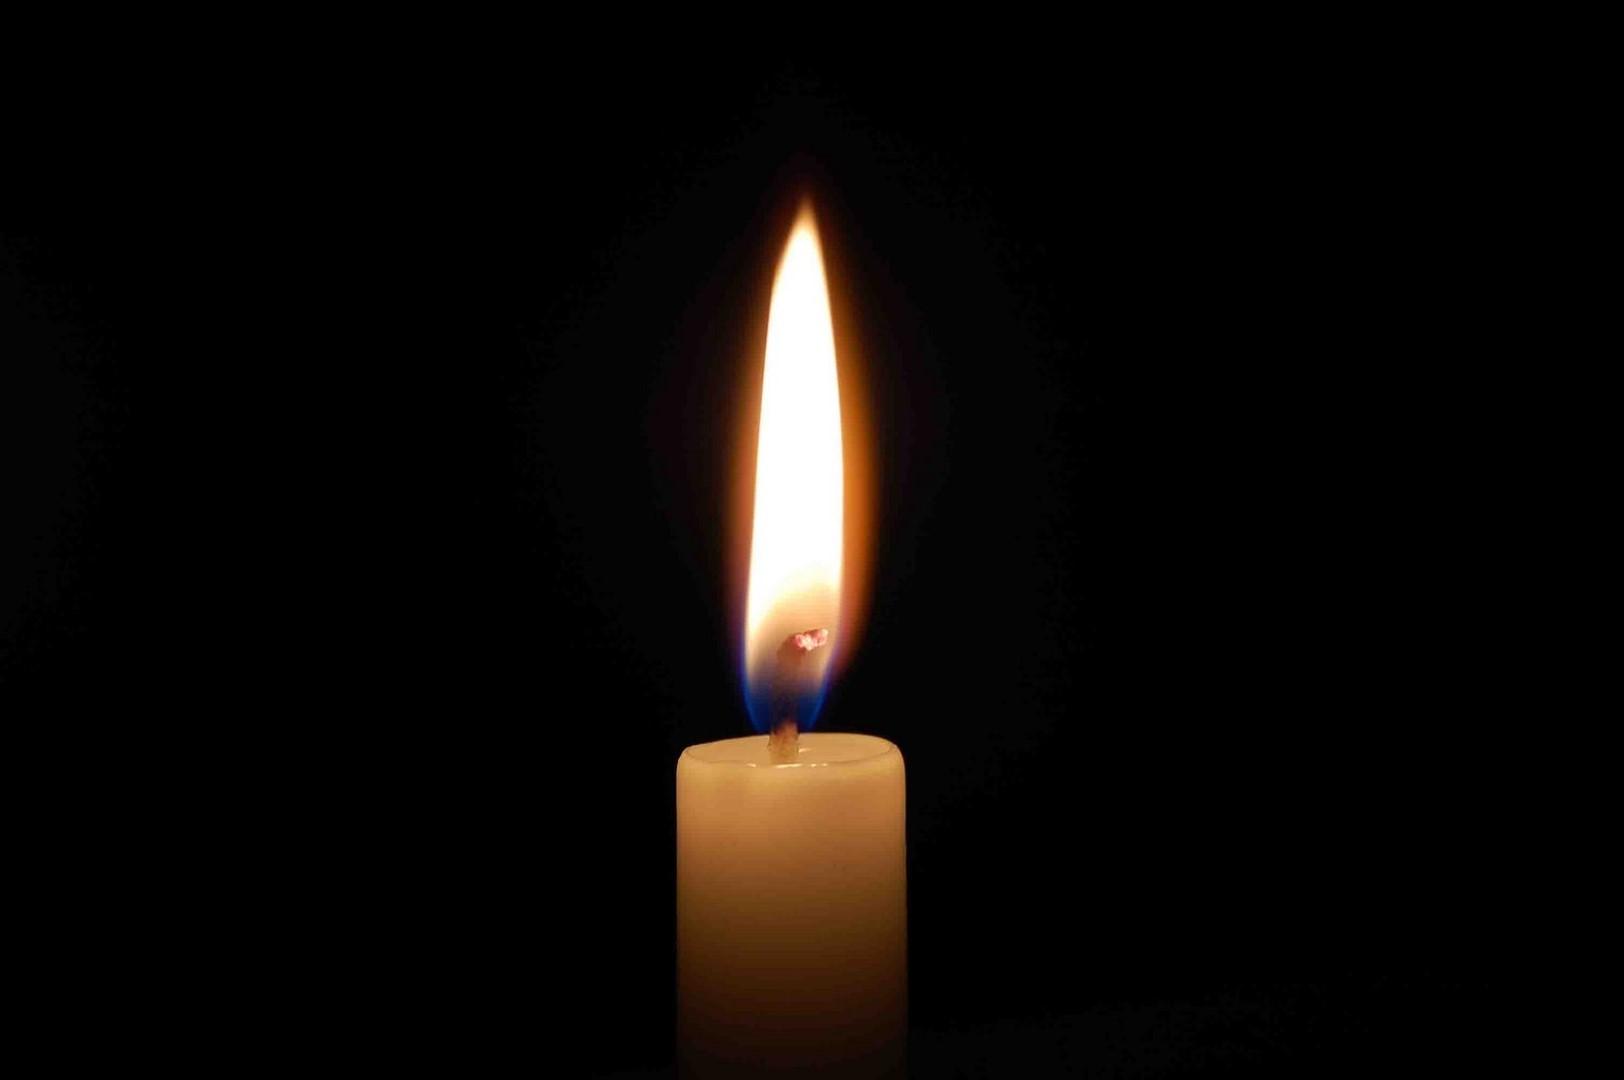 Ужасная новость: умерла известная всему миру звезда театра, слезы на глазах